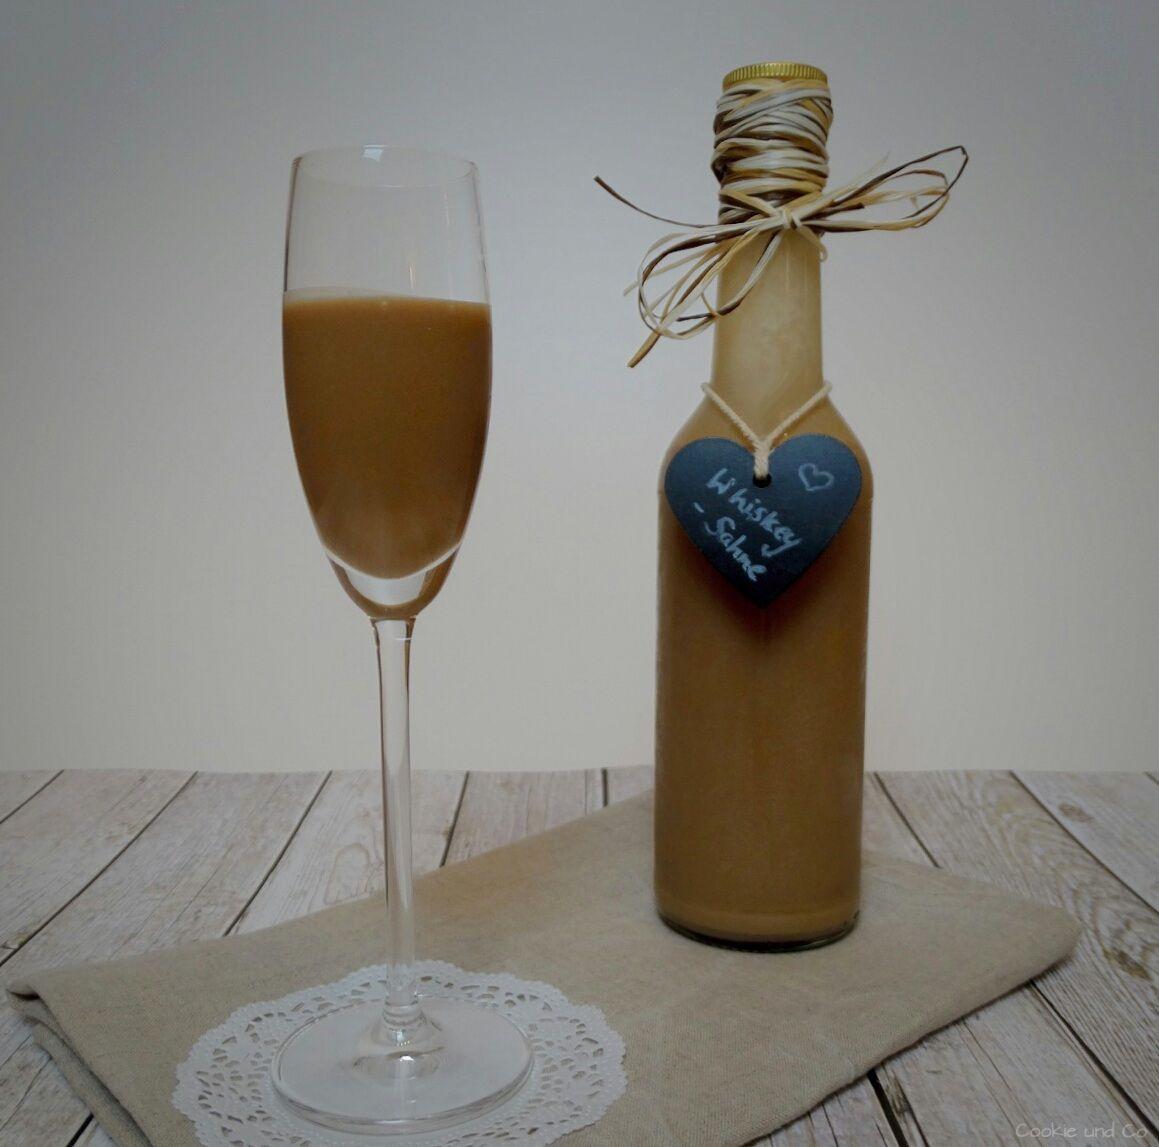 Geschenke Aus Der Küche Thermomix | Whiskey Sahne Likor Likor Selbstgemacht Geschenke Aus Der